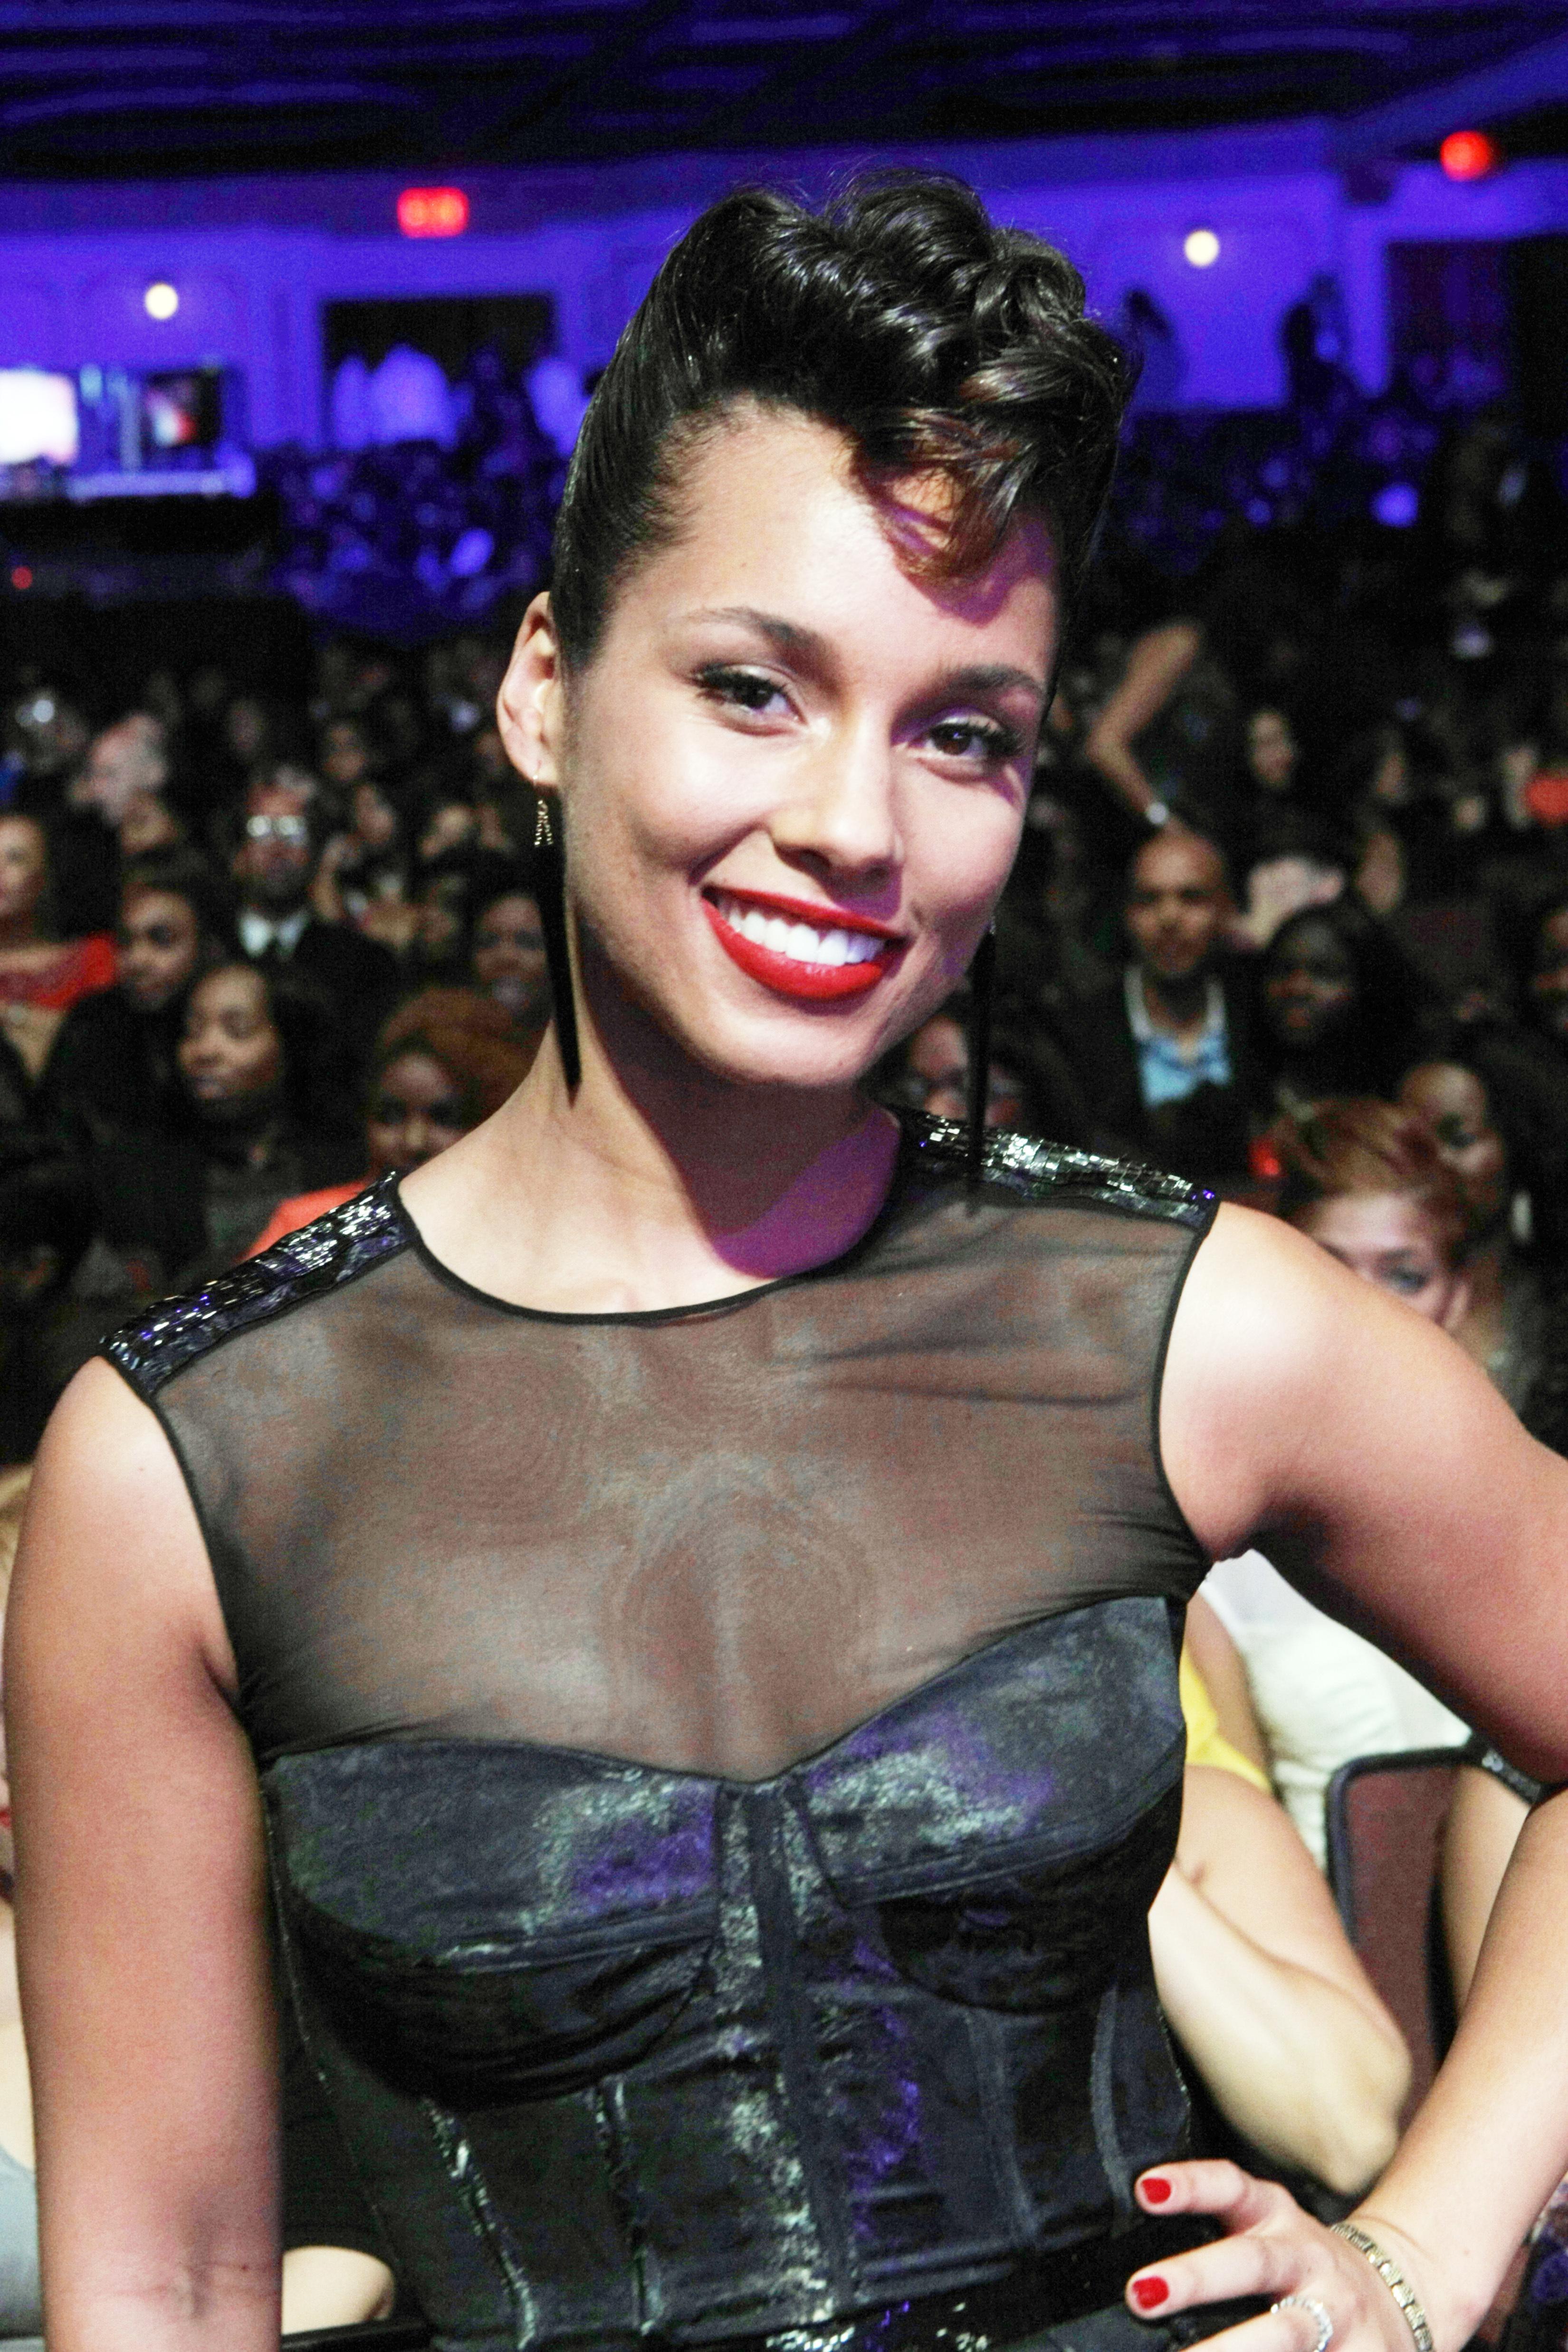 Alicia Keys acne pimple